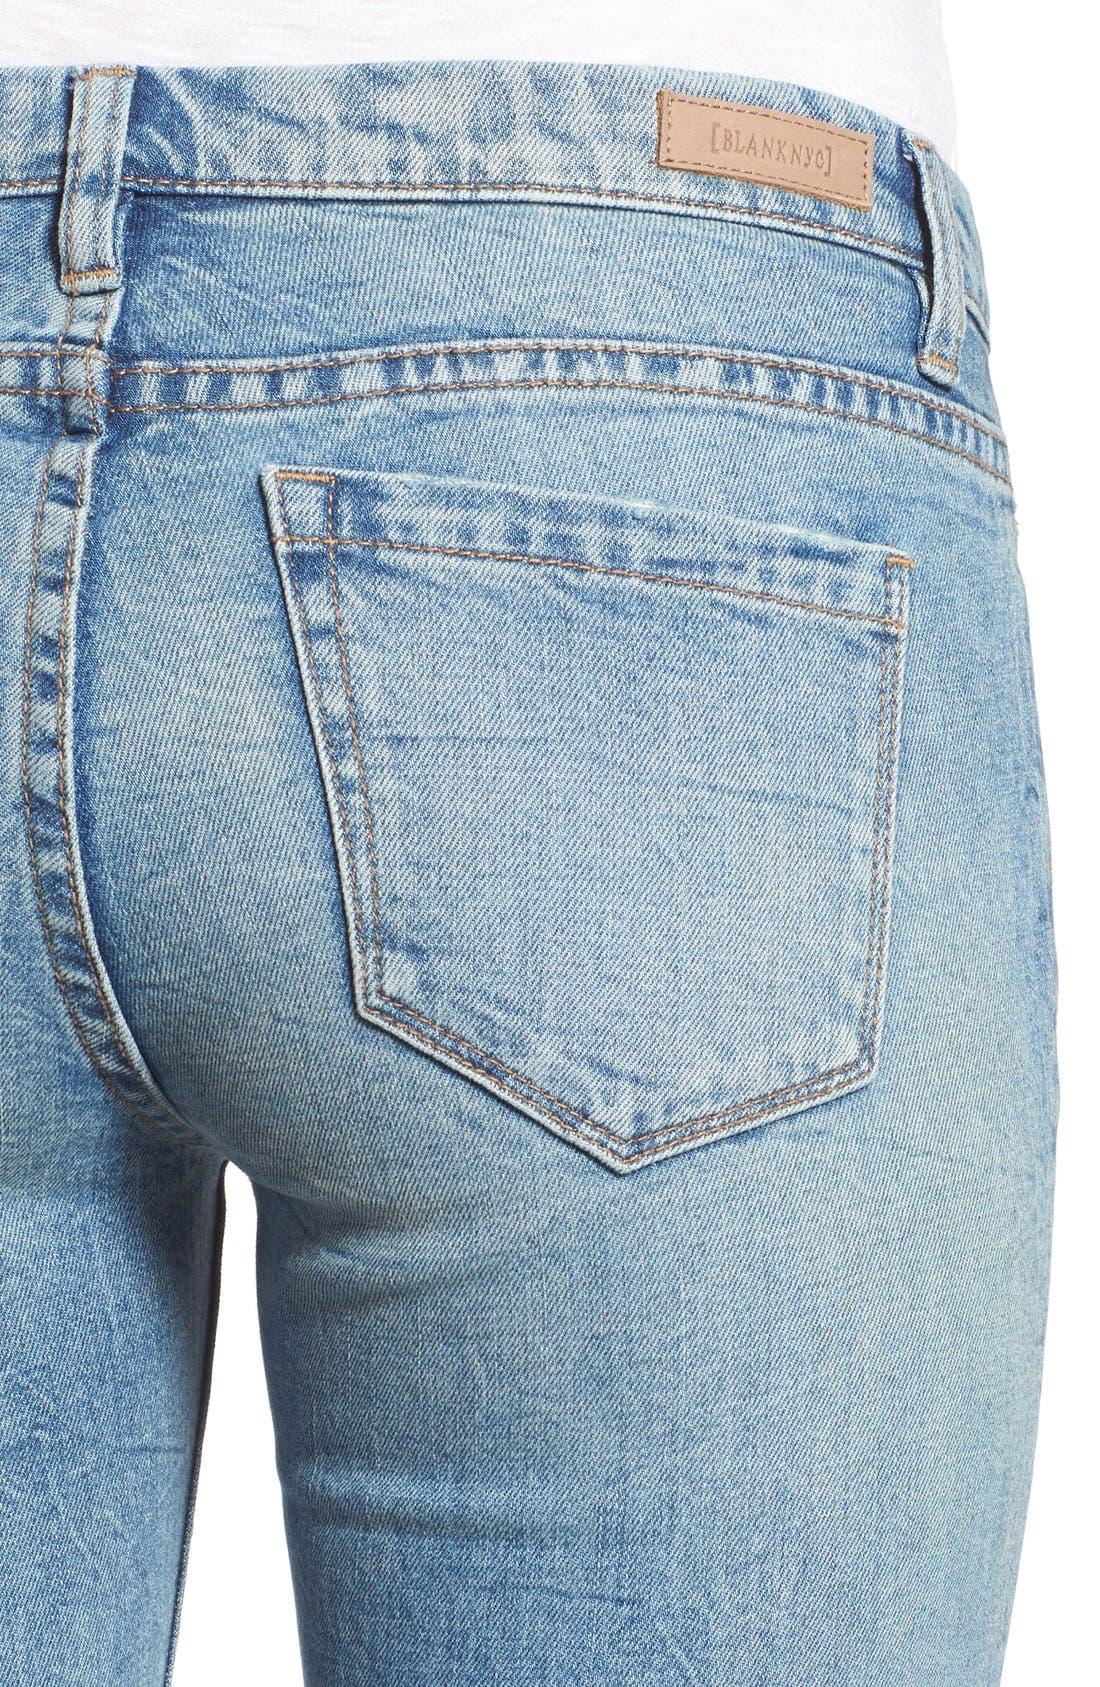 Alternate Image 5  - BLANKNYC 'Skinny Dipper' Distressed Skinny Jeans